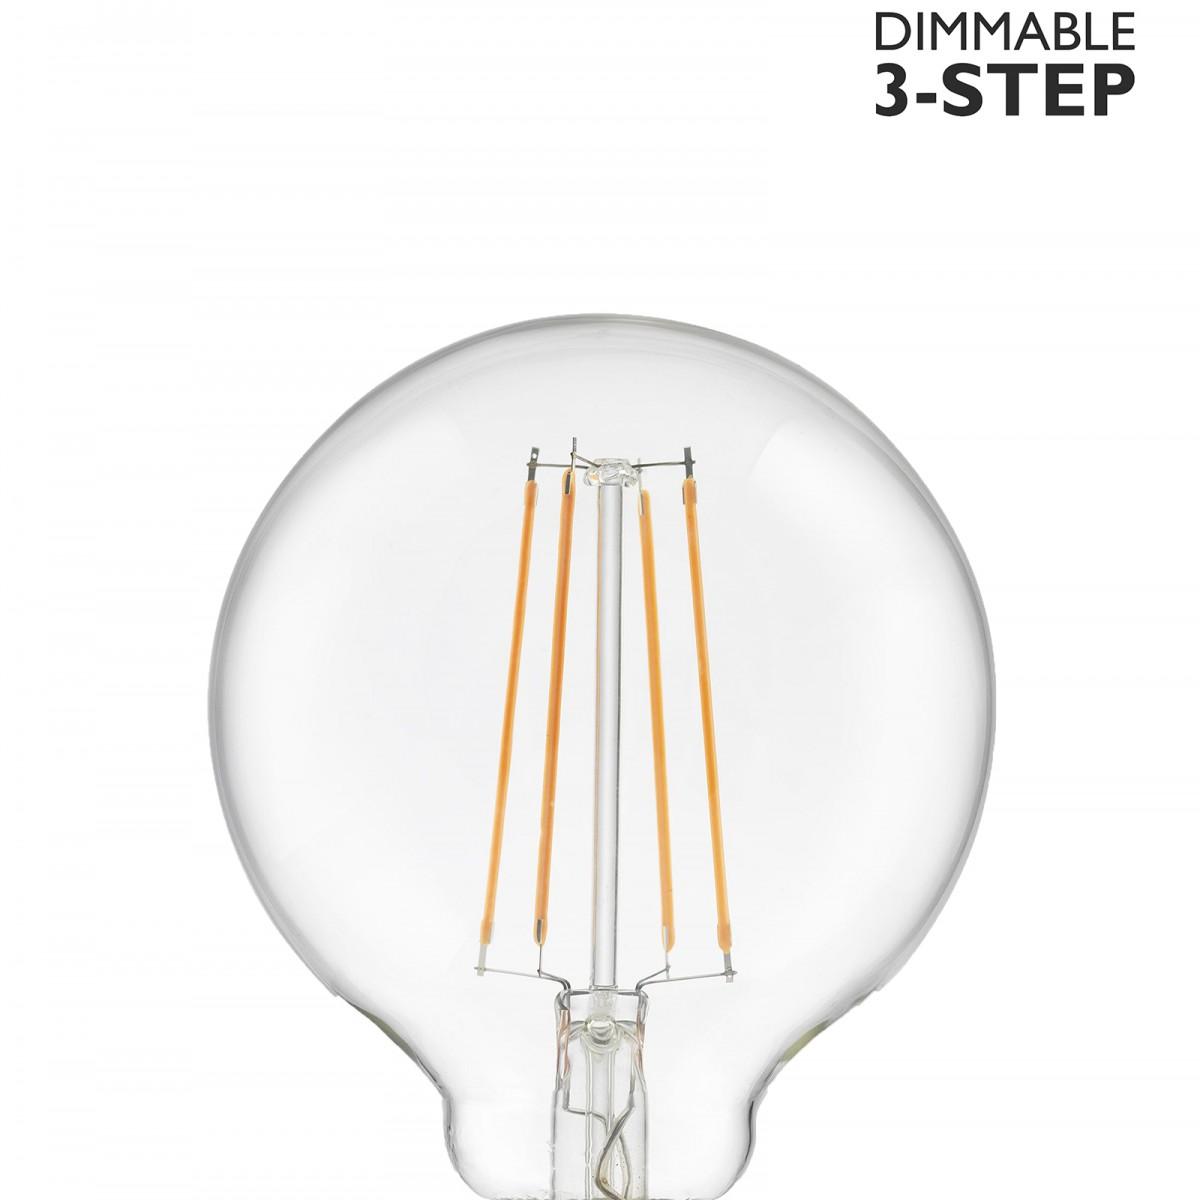 Bec LED dimabil L110, E27, 9.5cm, lumină caldă